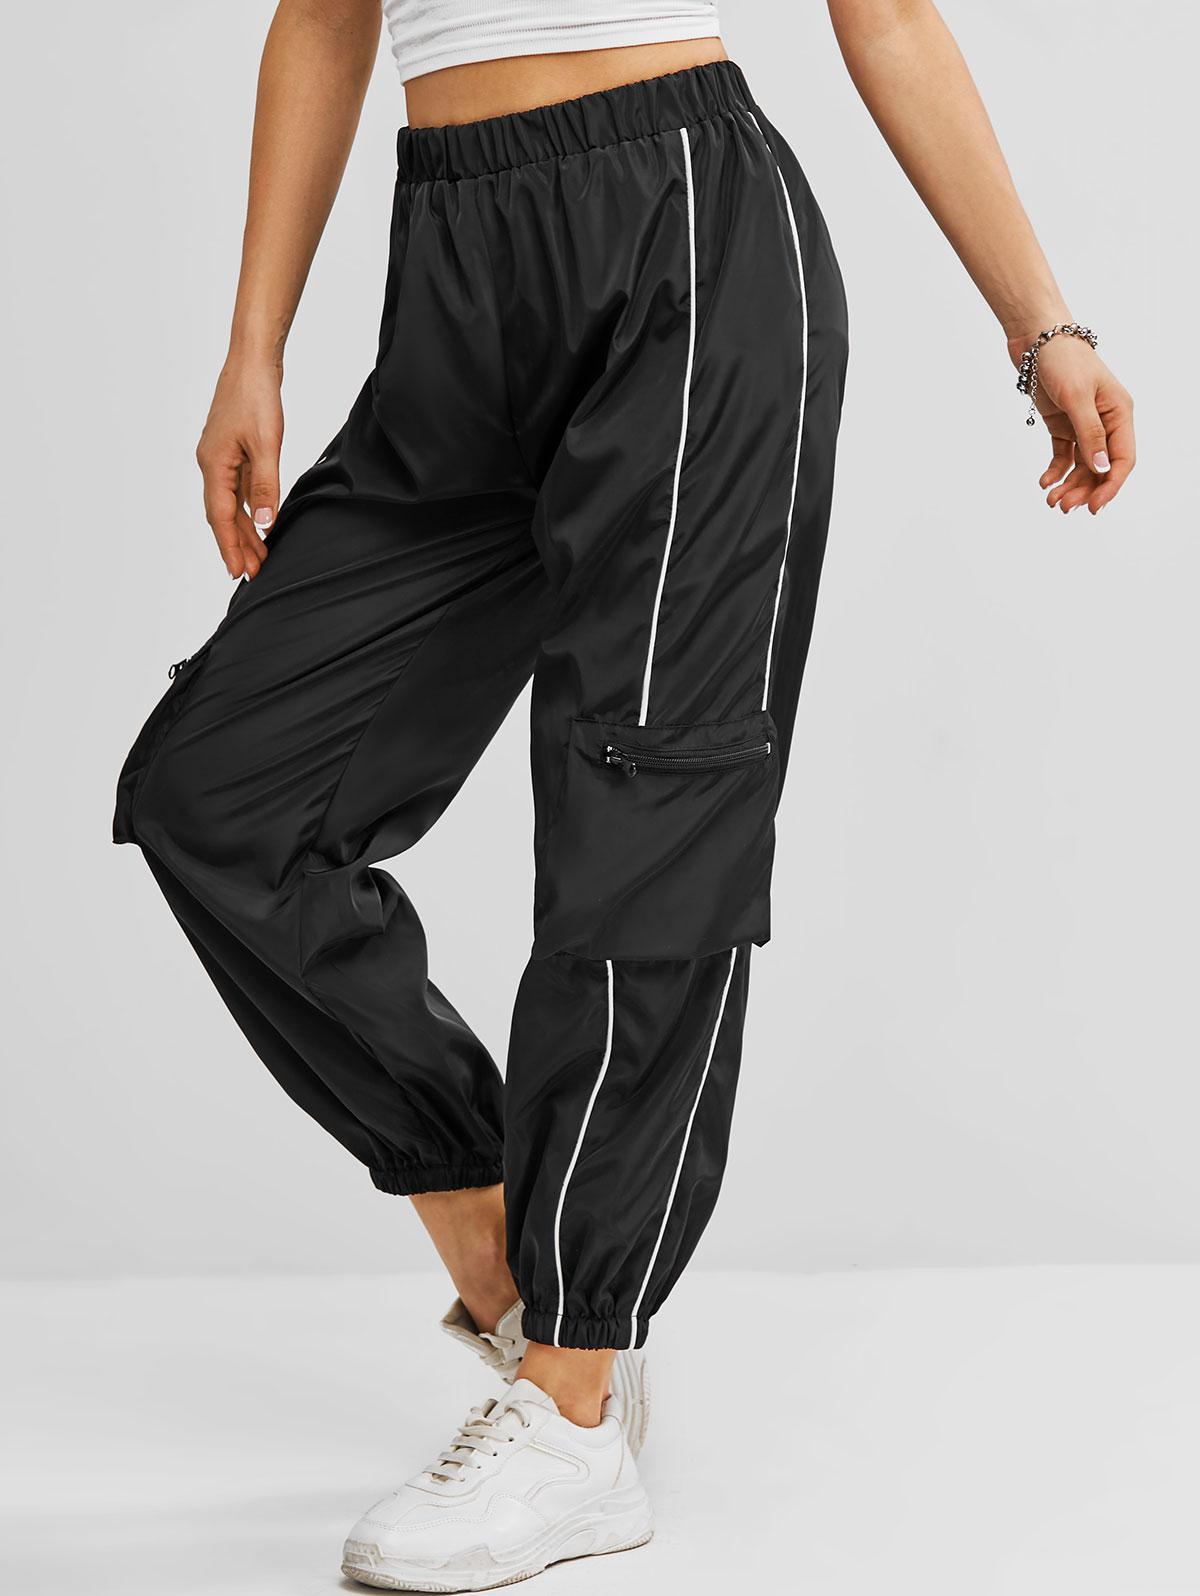 Windbreaker Zippered Pockets Cargo Jogger Pants